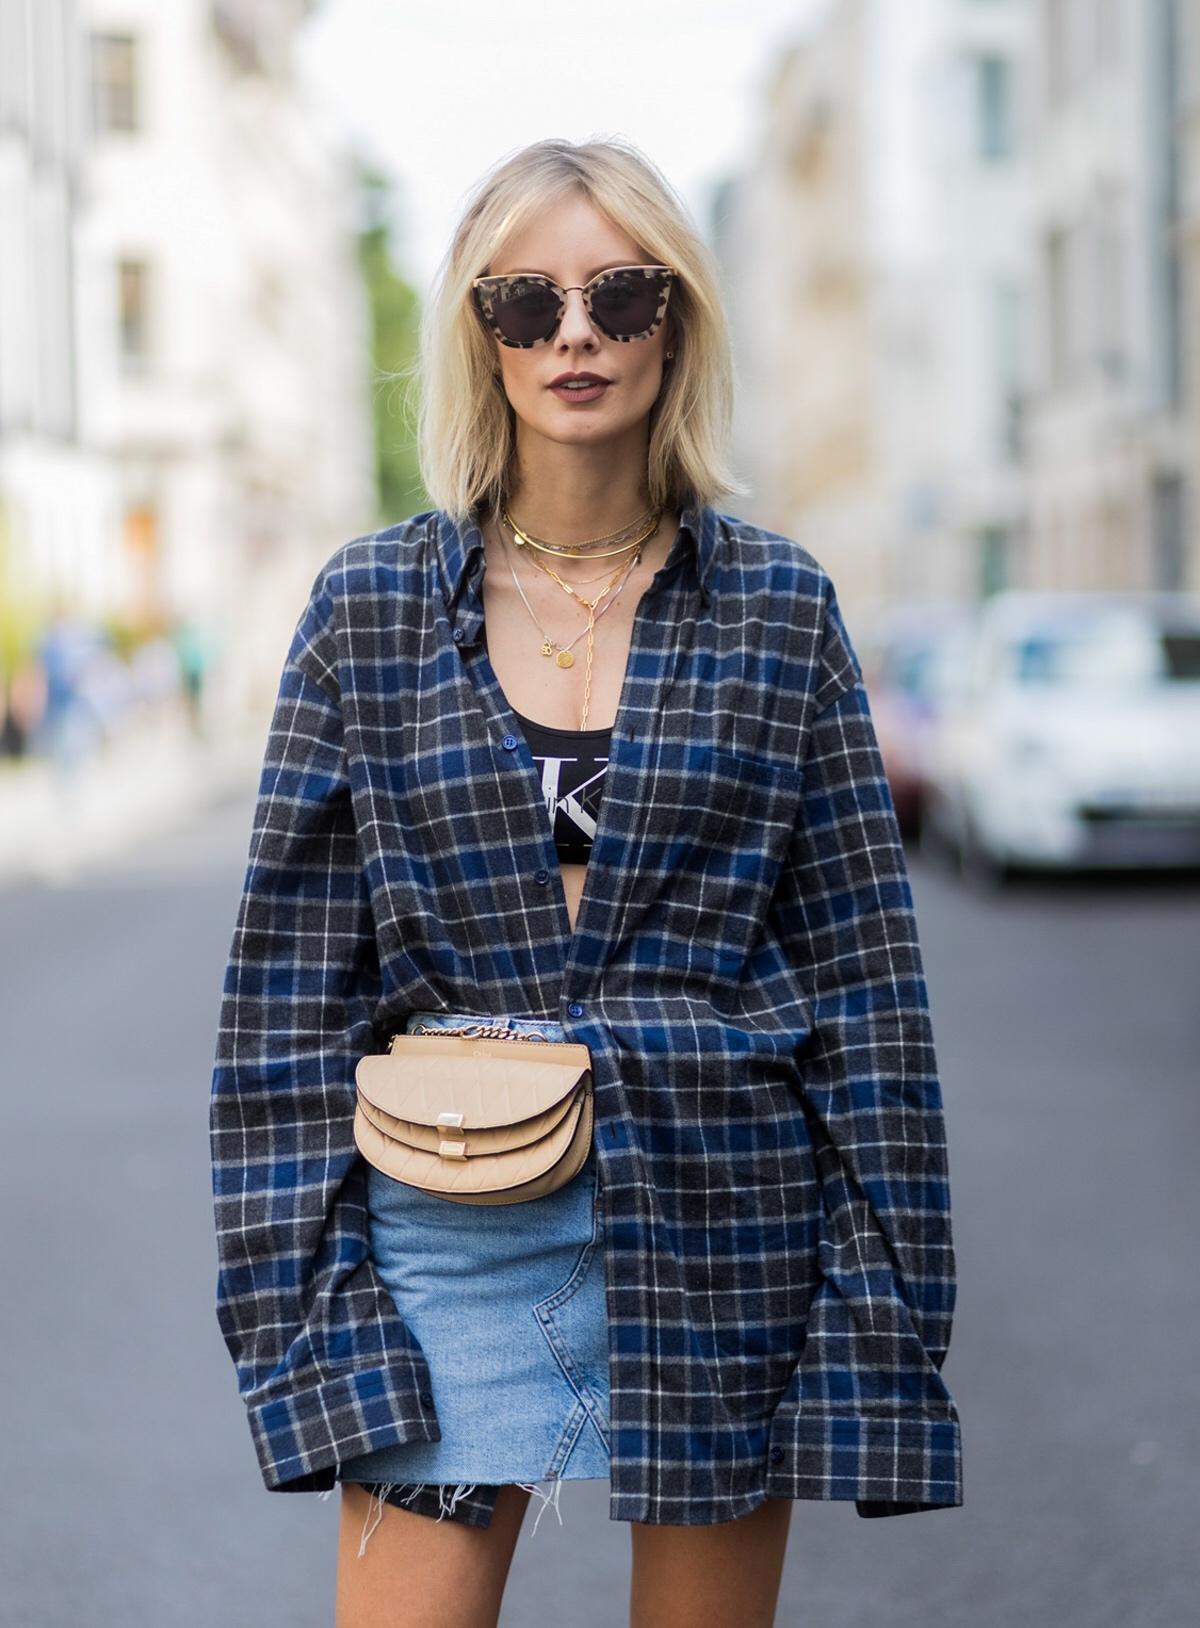 Balenciaga oversized shirt lisa hahnbück fashion blog düsseldorf bloggerin